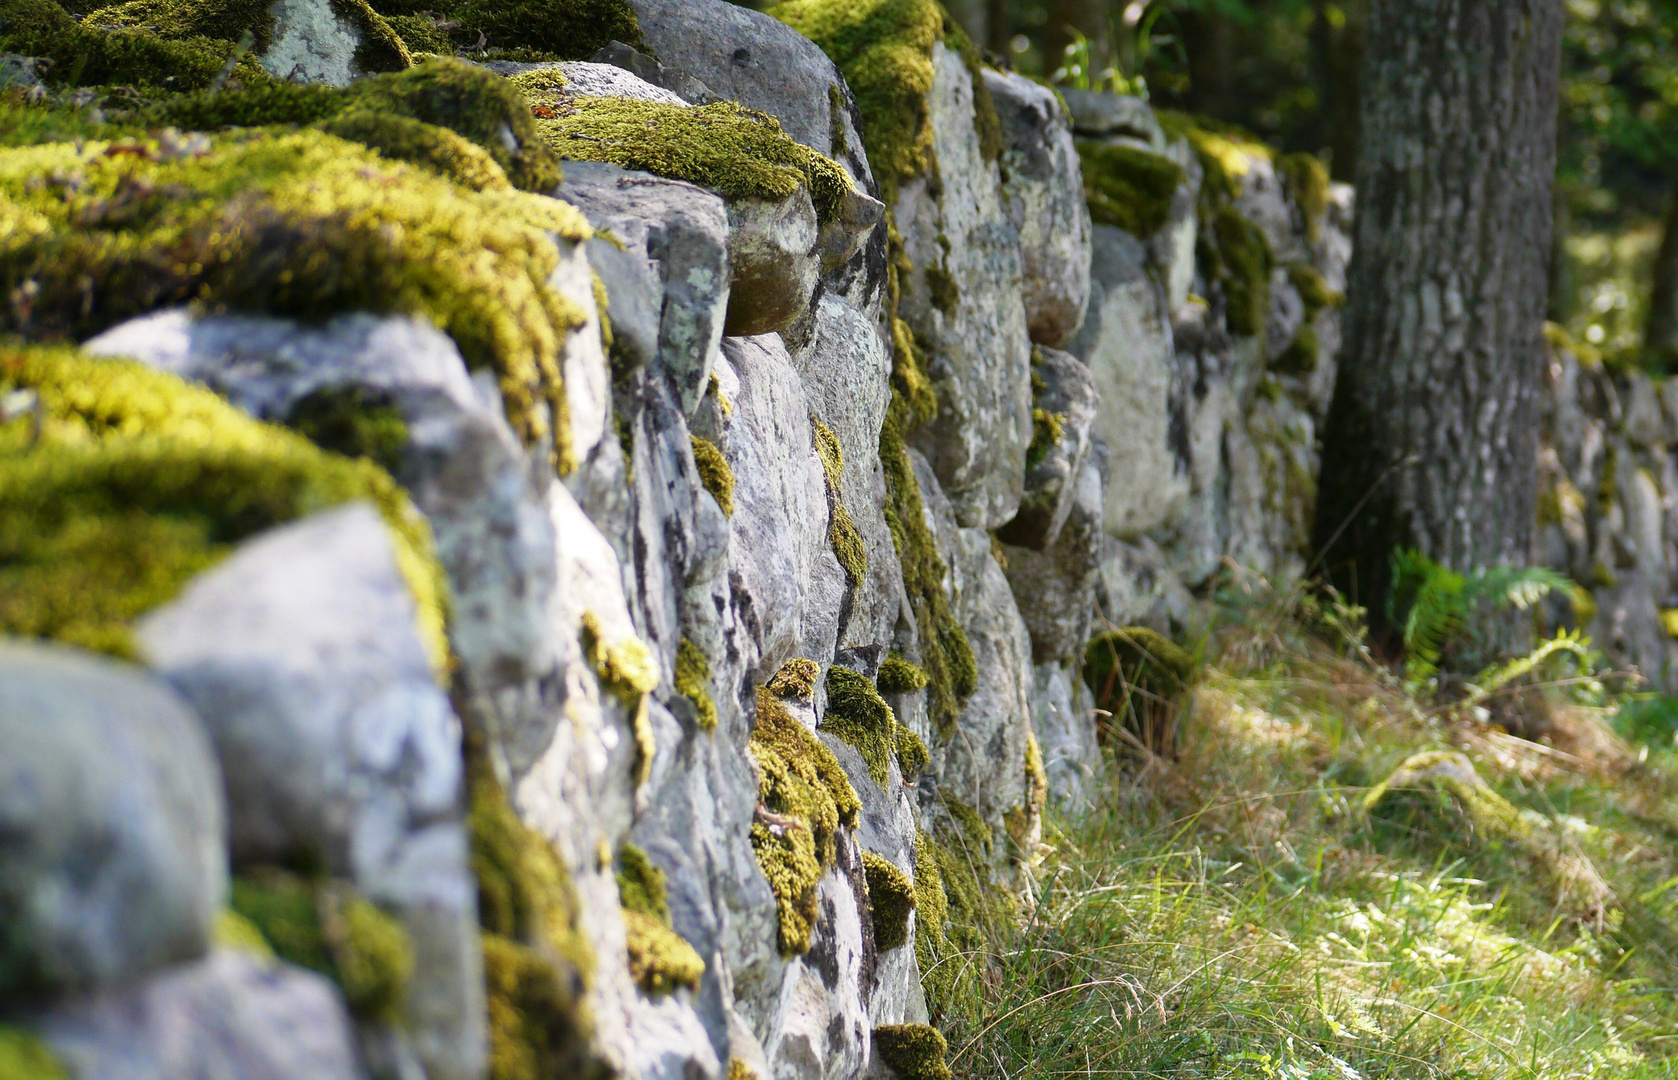 Mauer im Wald